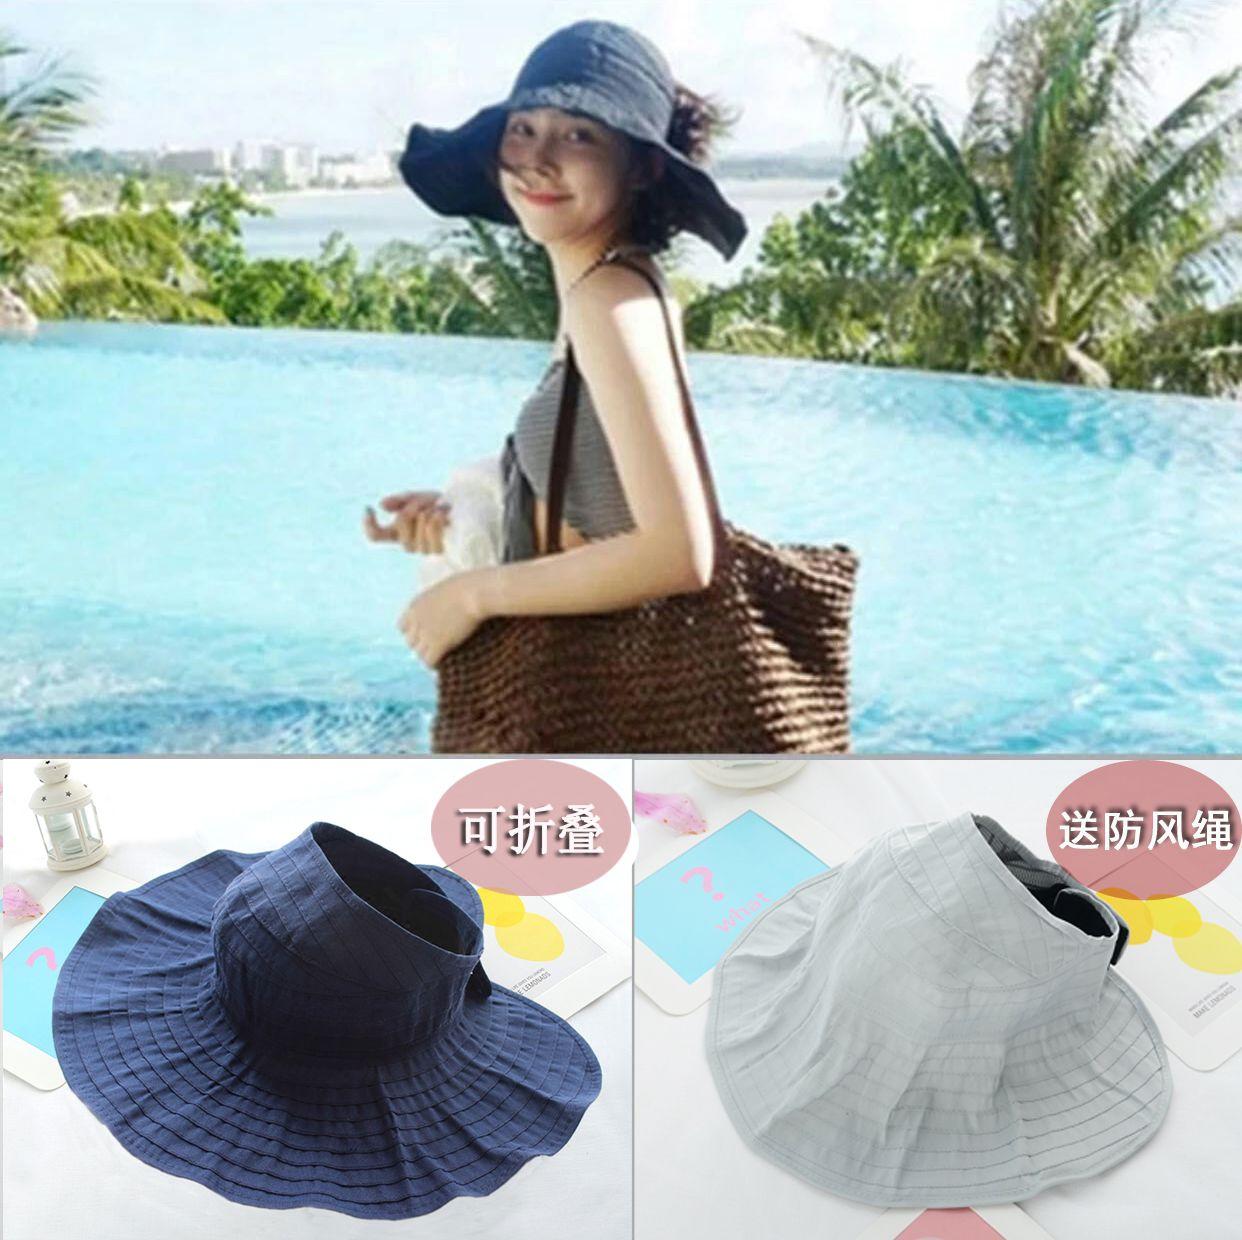 夏天遮阳帽紫外线沙滩防晒凉帽帽子太阳帽空顶布